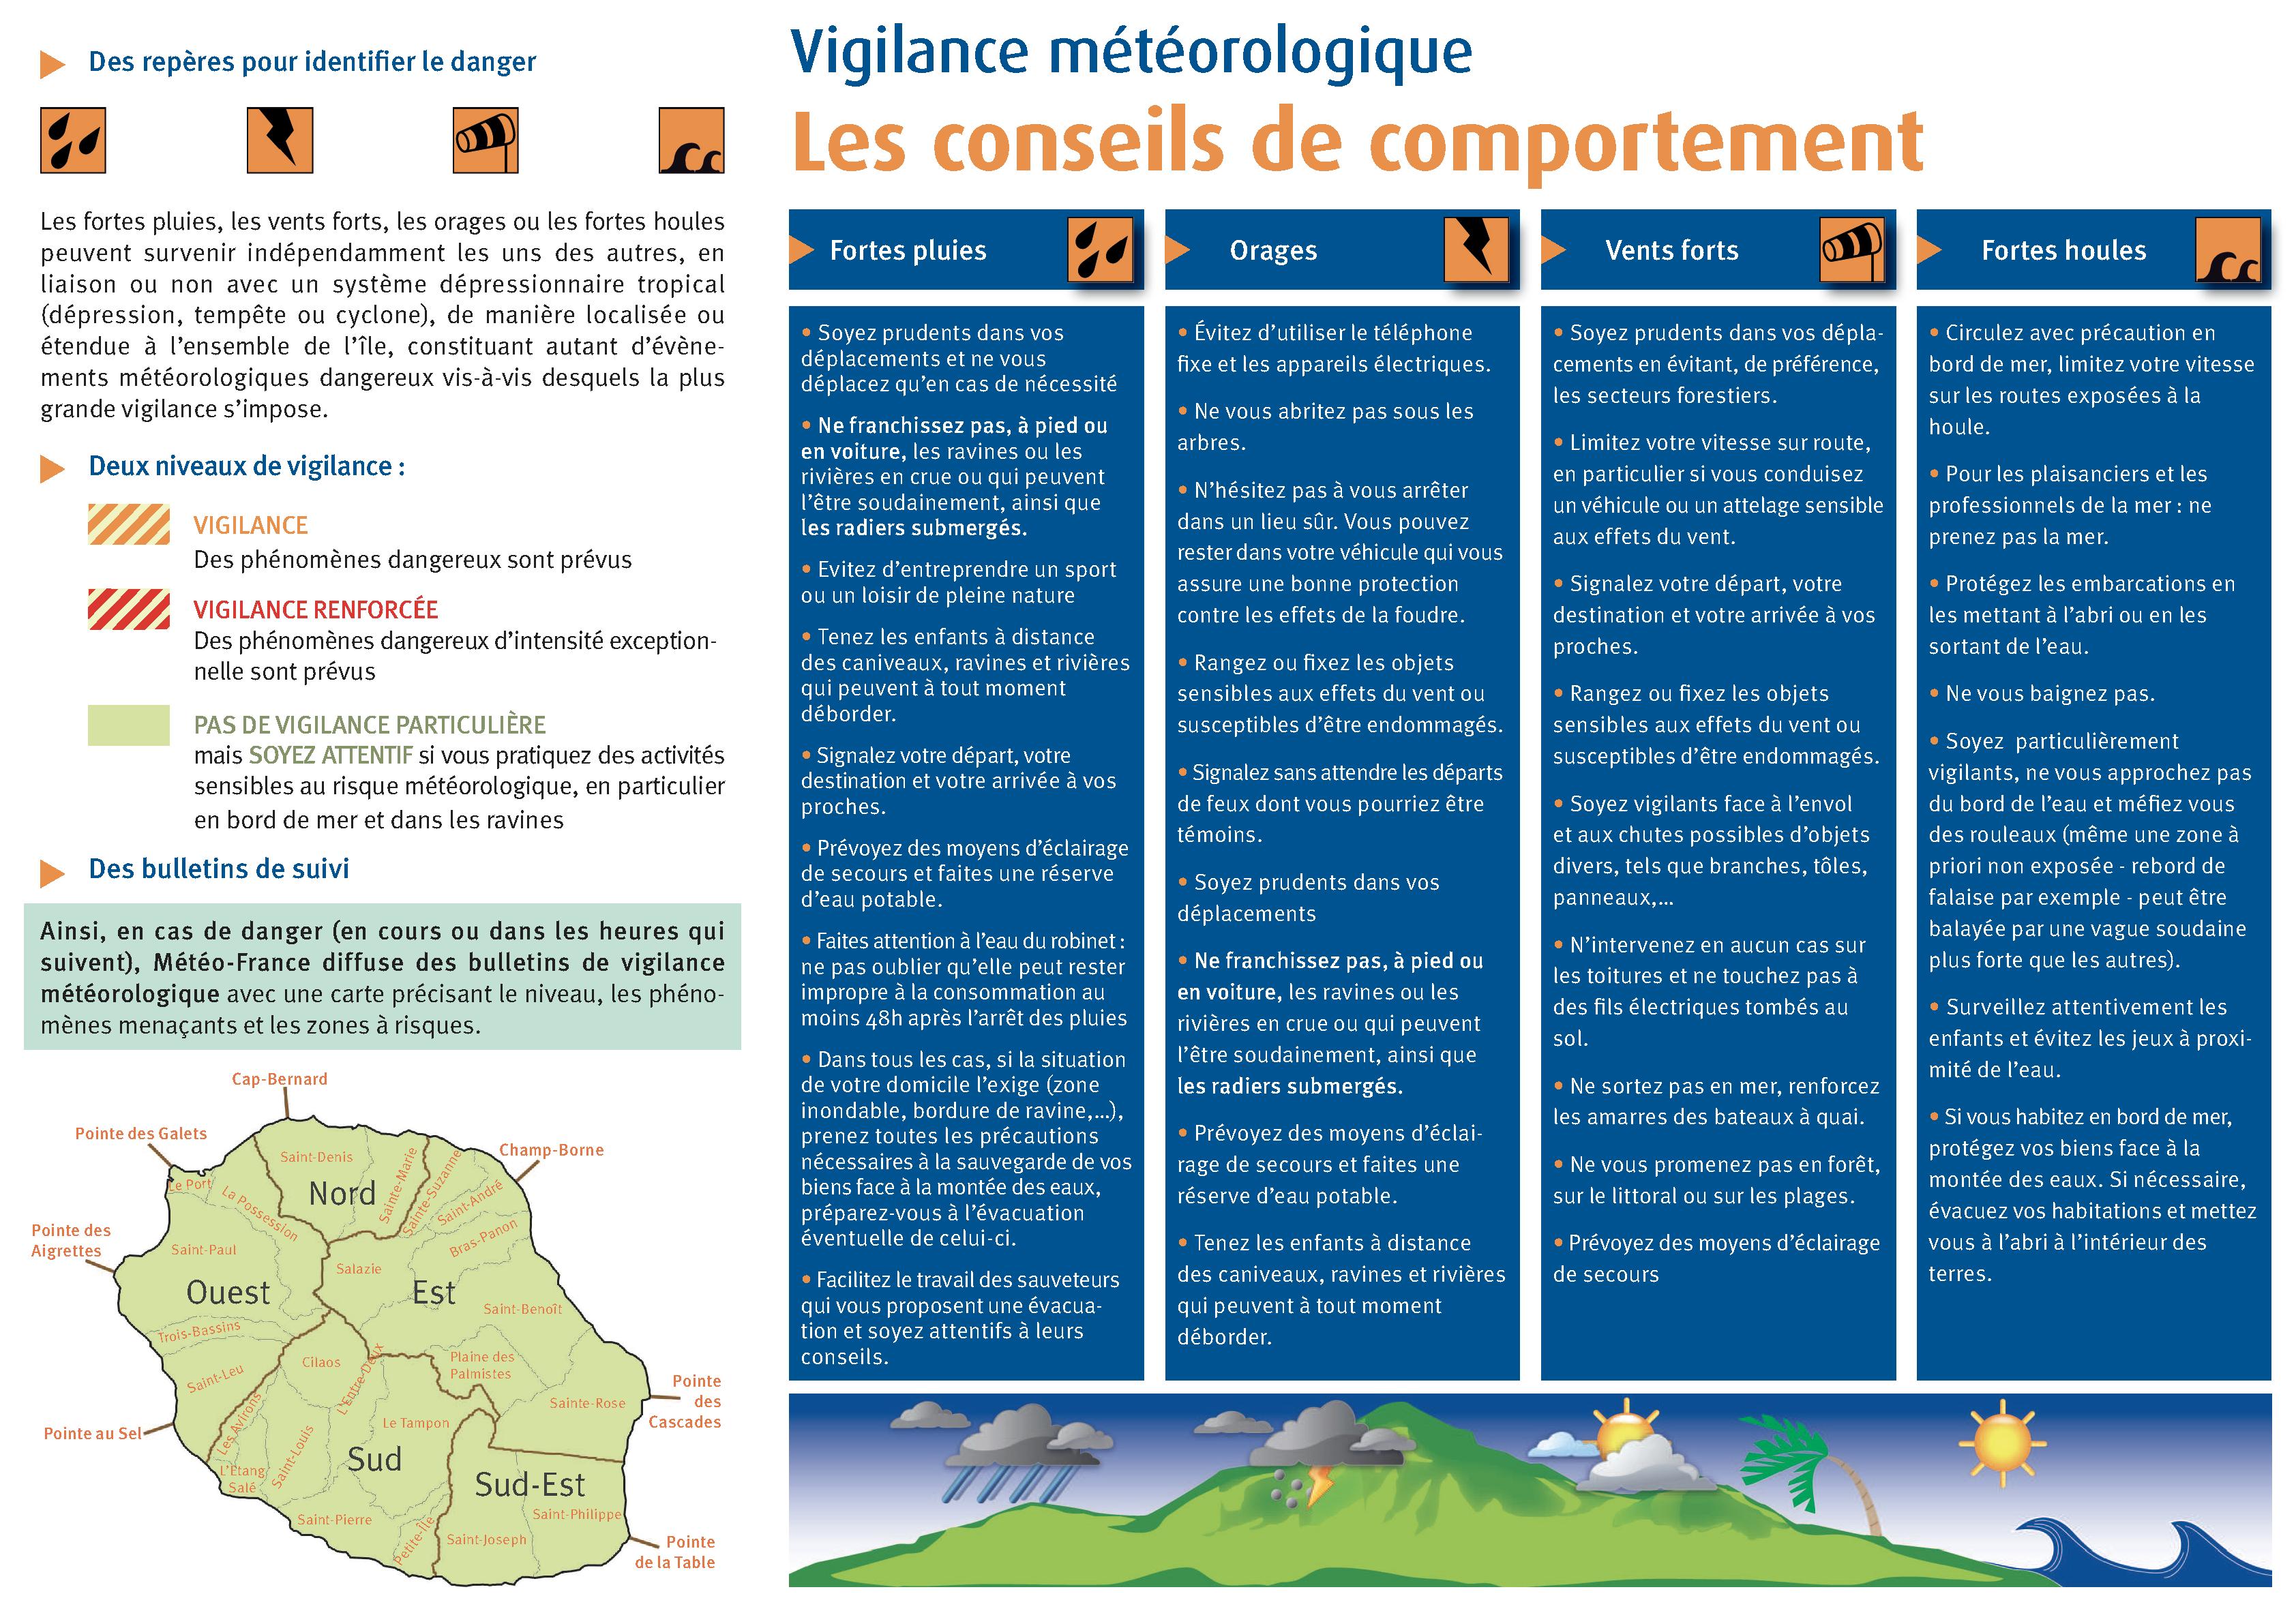 Conseils-vigilance-météo-Réunion